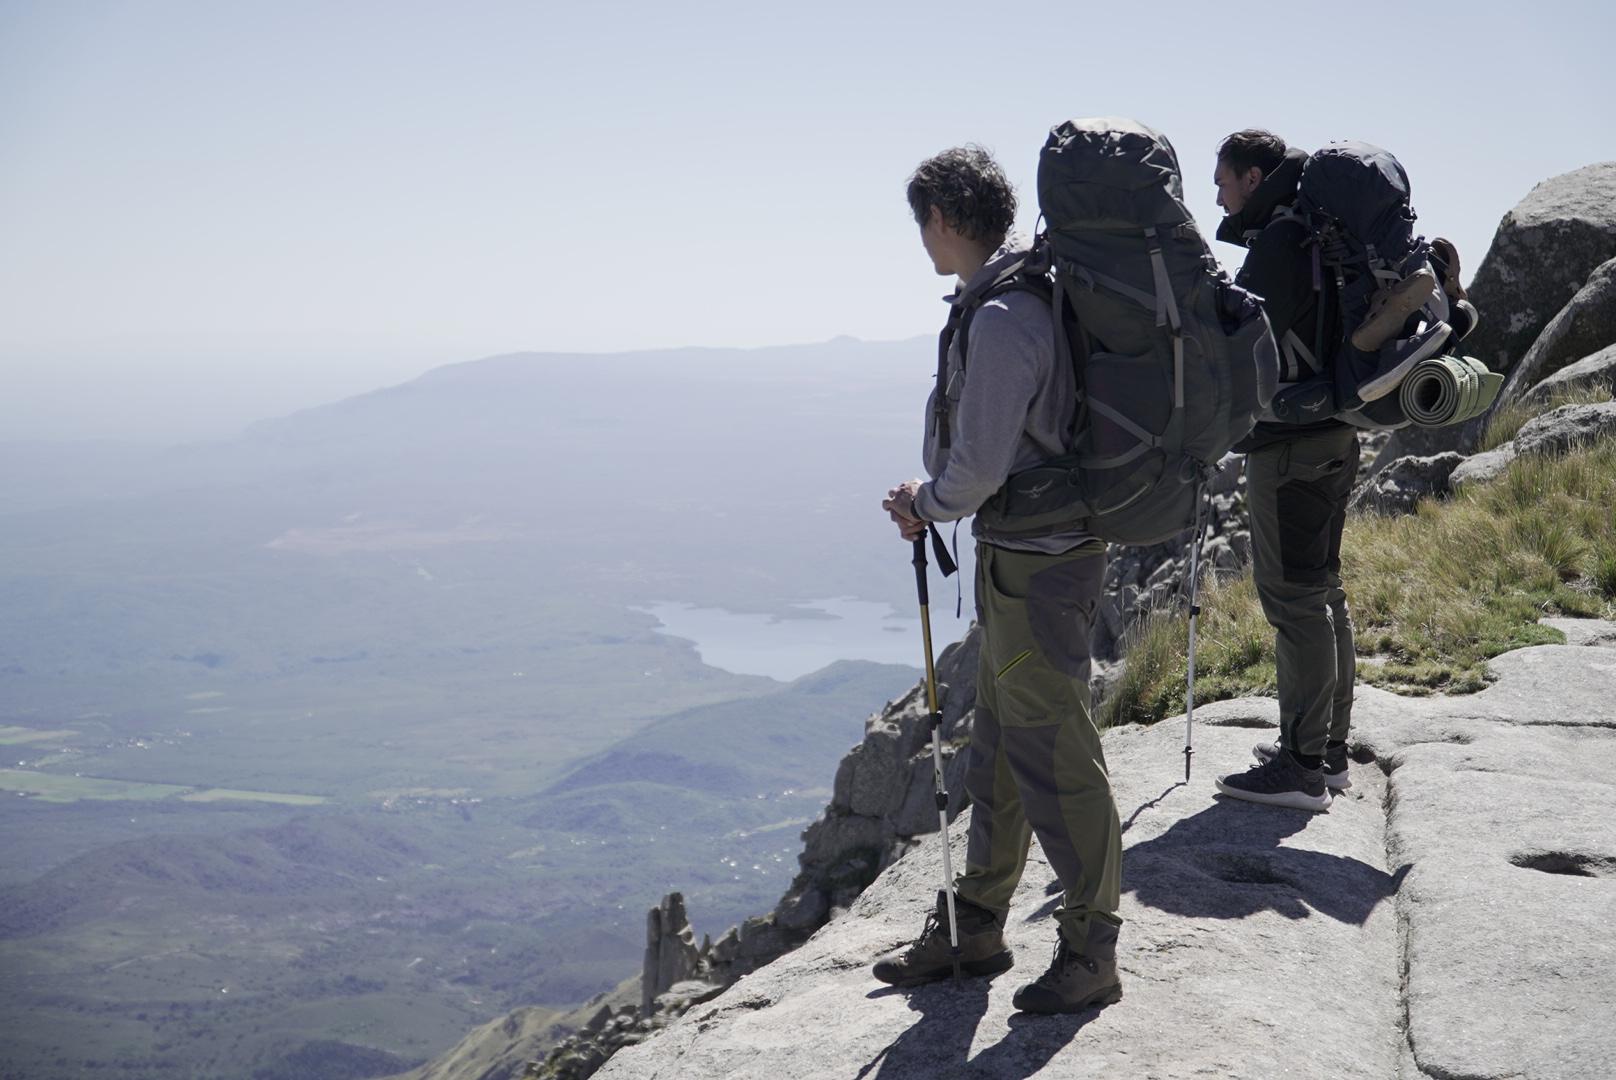 DSC3716 - Hoy viajamos al Cerro Champaquí